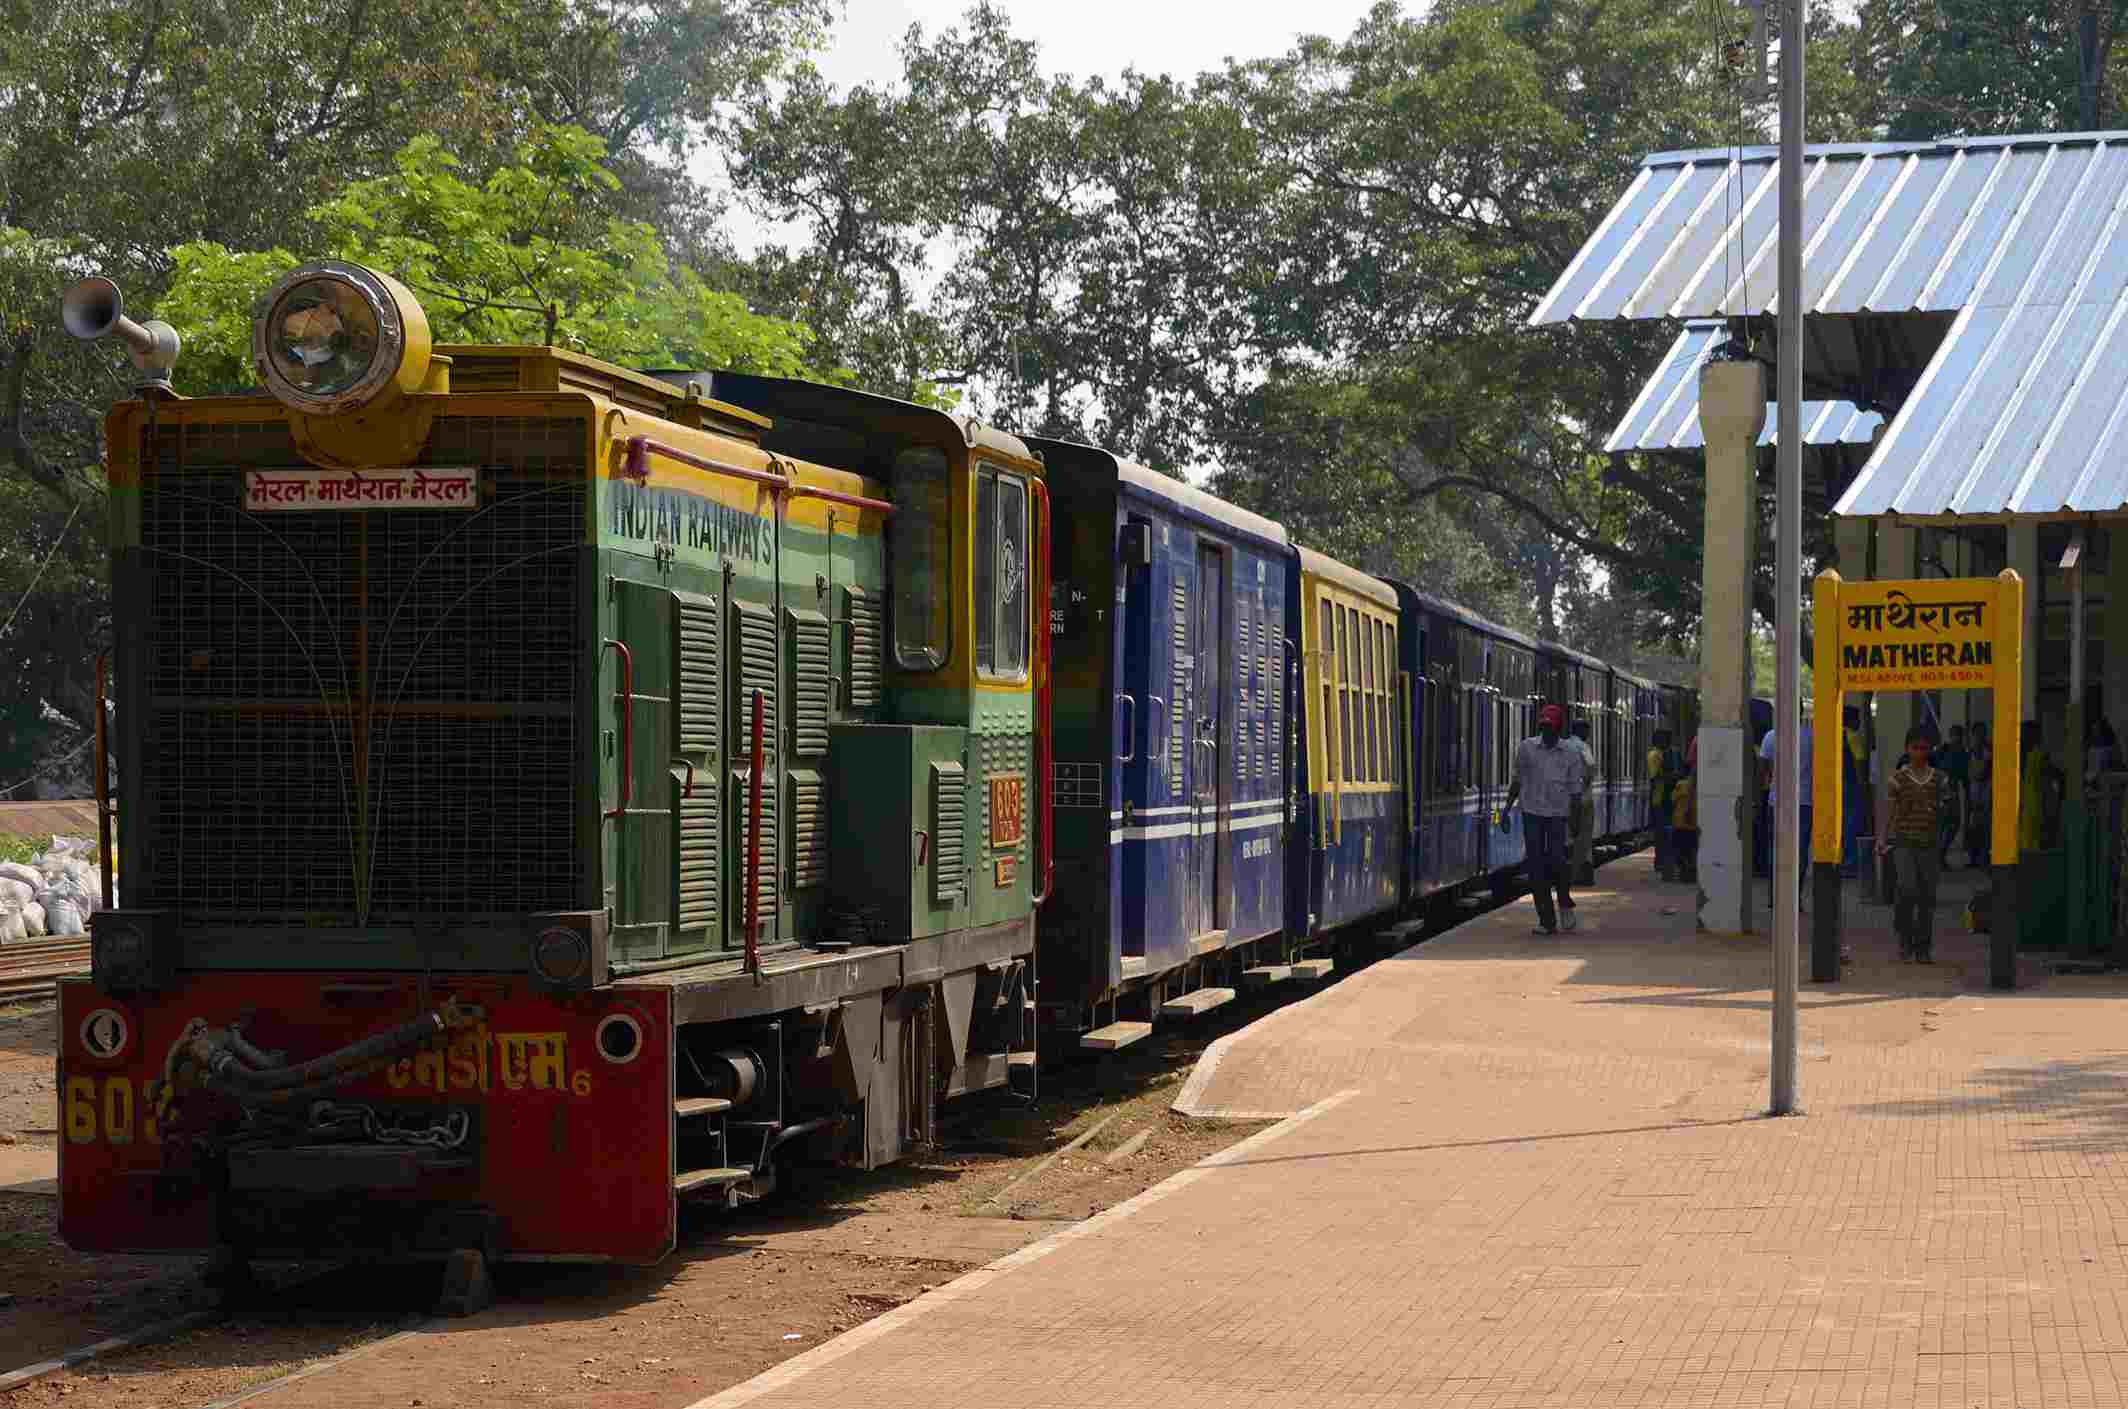 Matheran toy train.